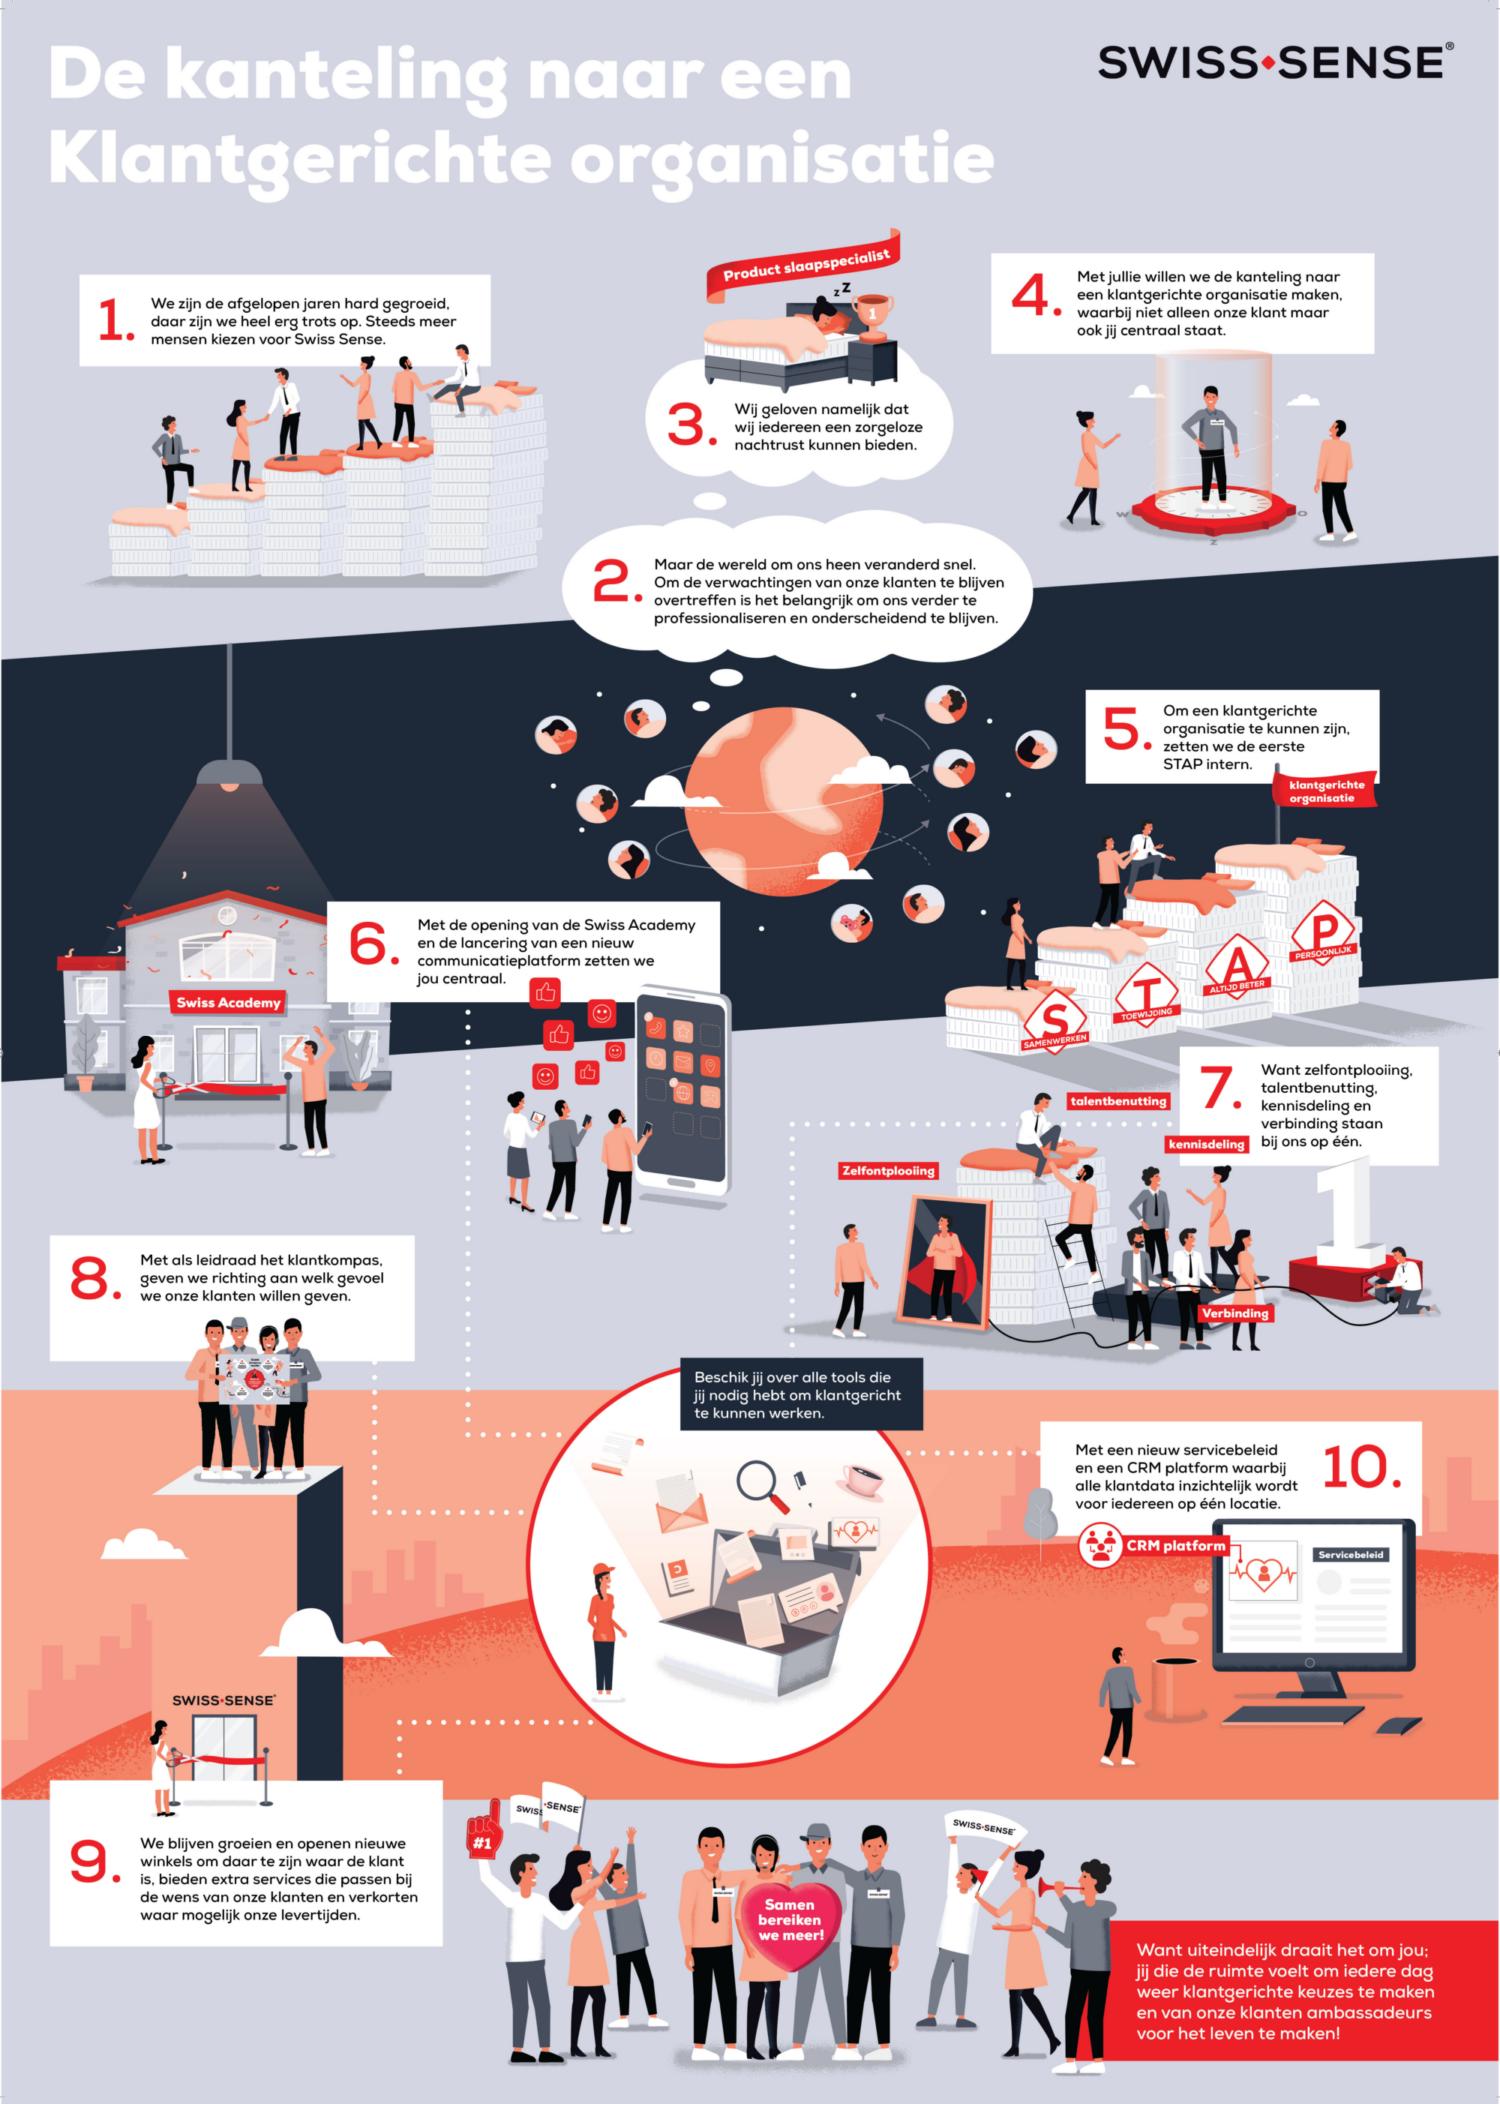 Swiss Sense Klantgerichte organisatie infographic